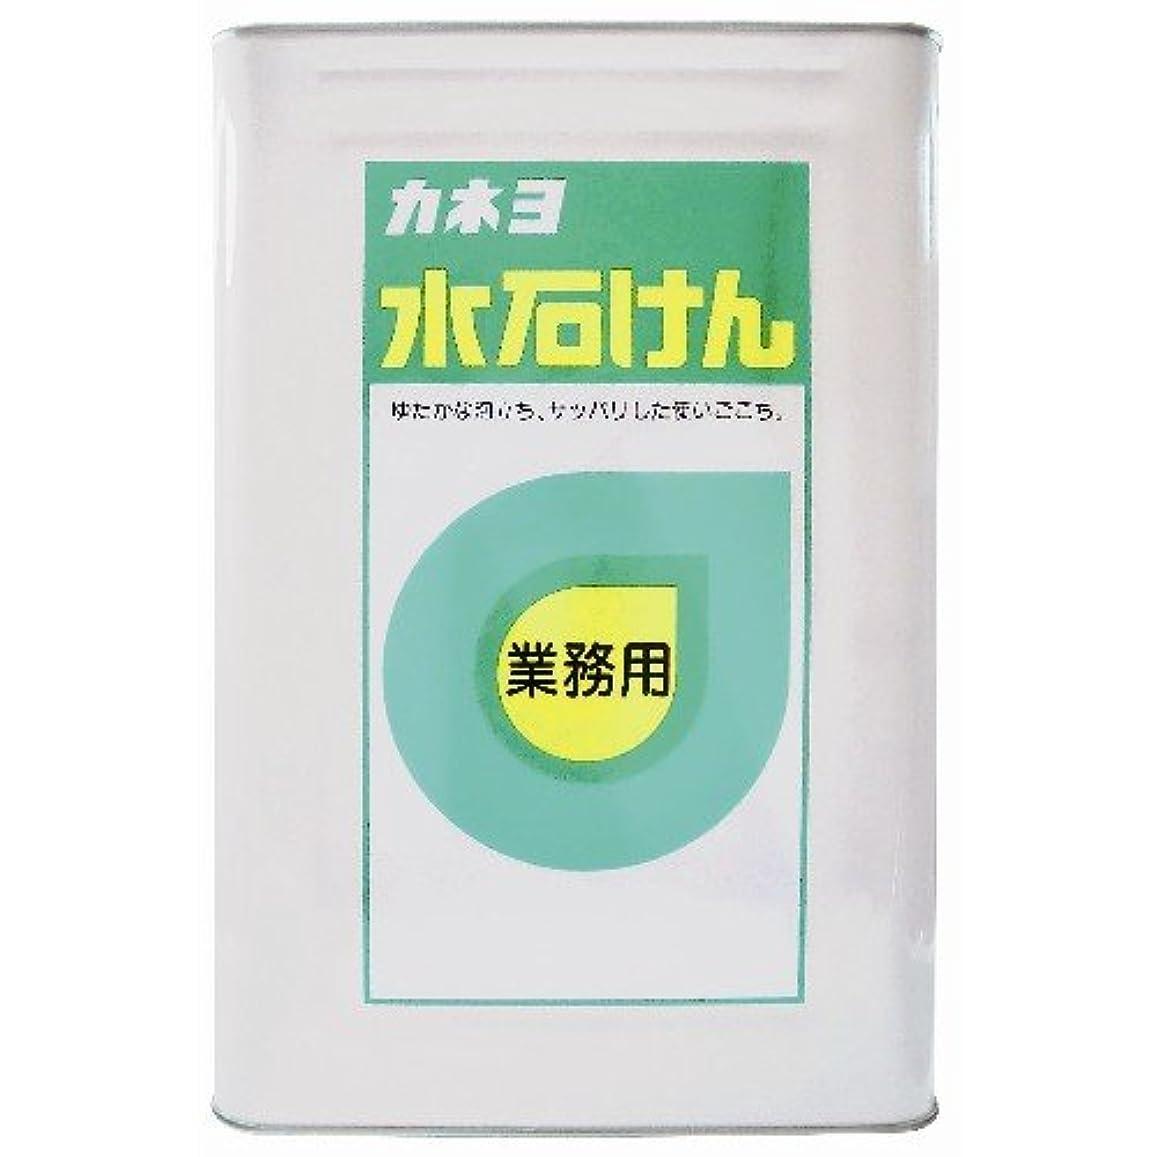 受付些細ブル【大容量】 カネヨ石鹸 ハンドソープ 水石けん 液体 業務用 18L 一斗缶